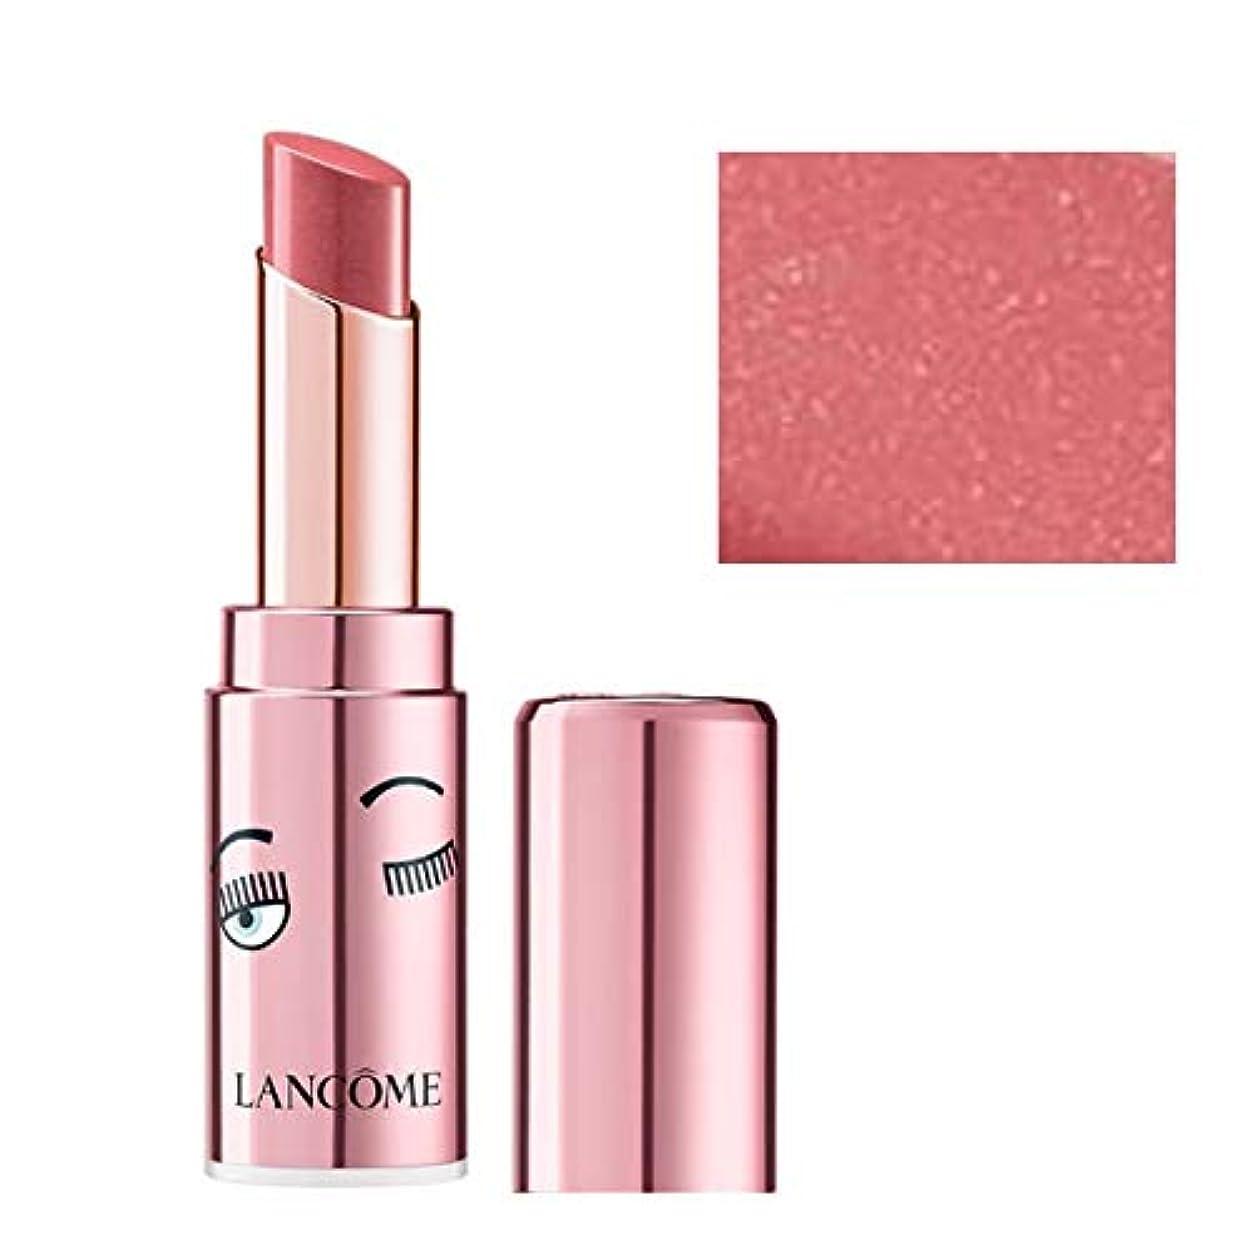 然とした制限計算可能ランコム(LANCOME), 限定版 limited-edition, x Chiara Ferragni L'Absolu Mademoiselle Shine Balm Lipstick - Independent Women [海外直送品] [並行輸入品]